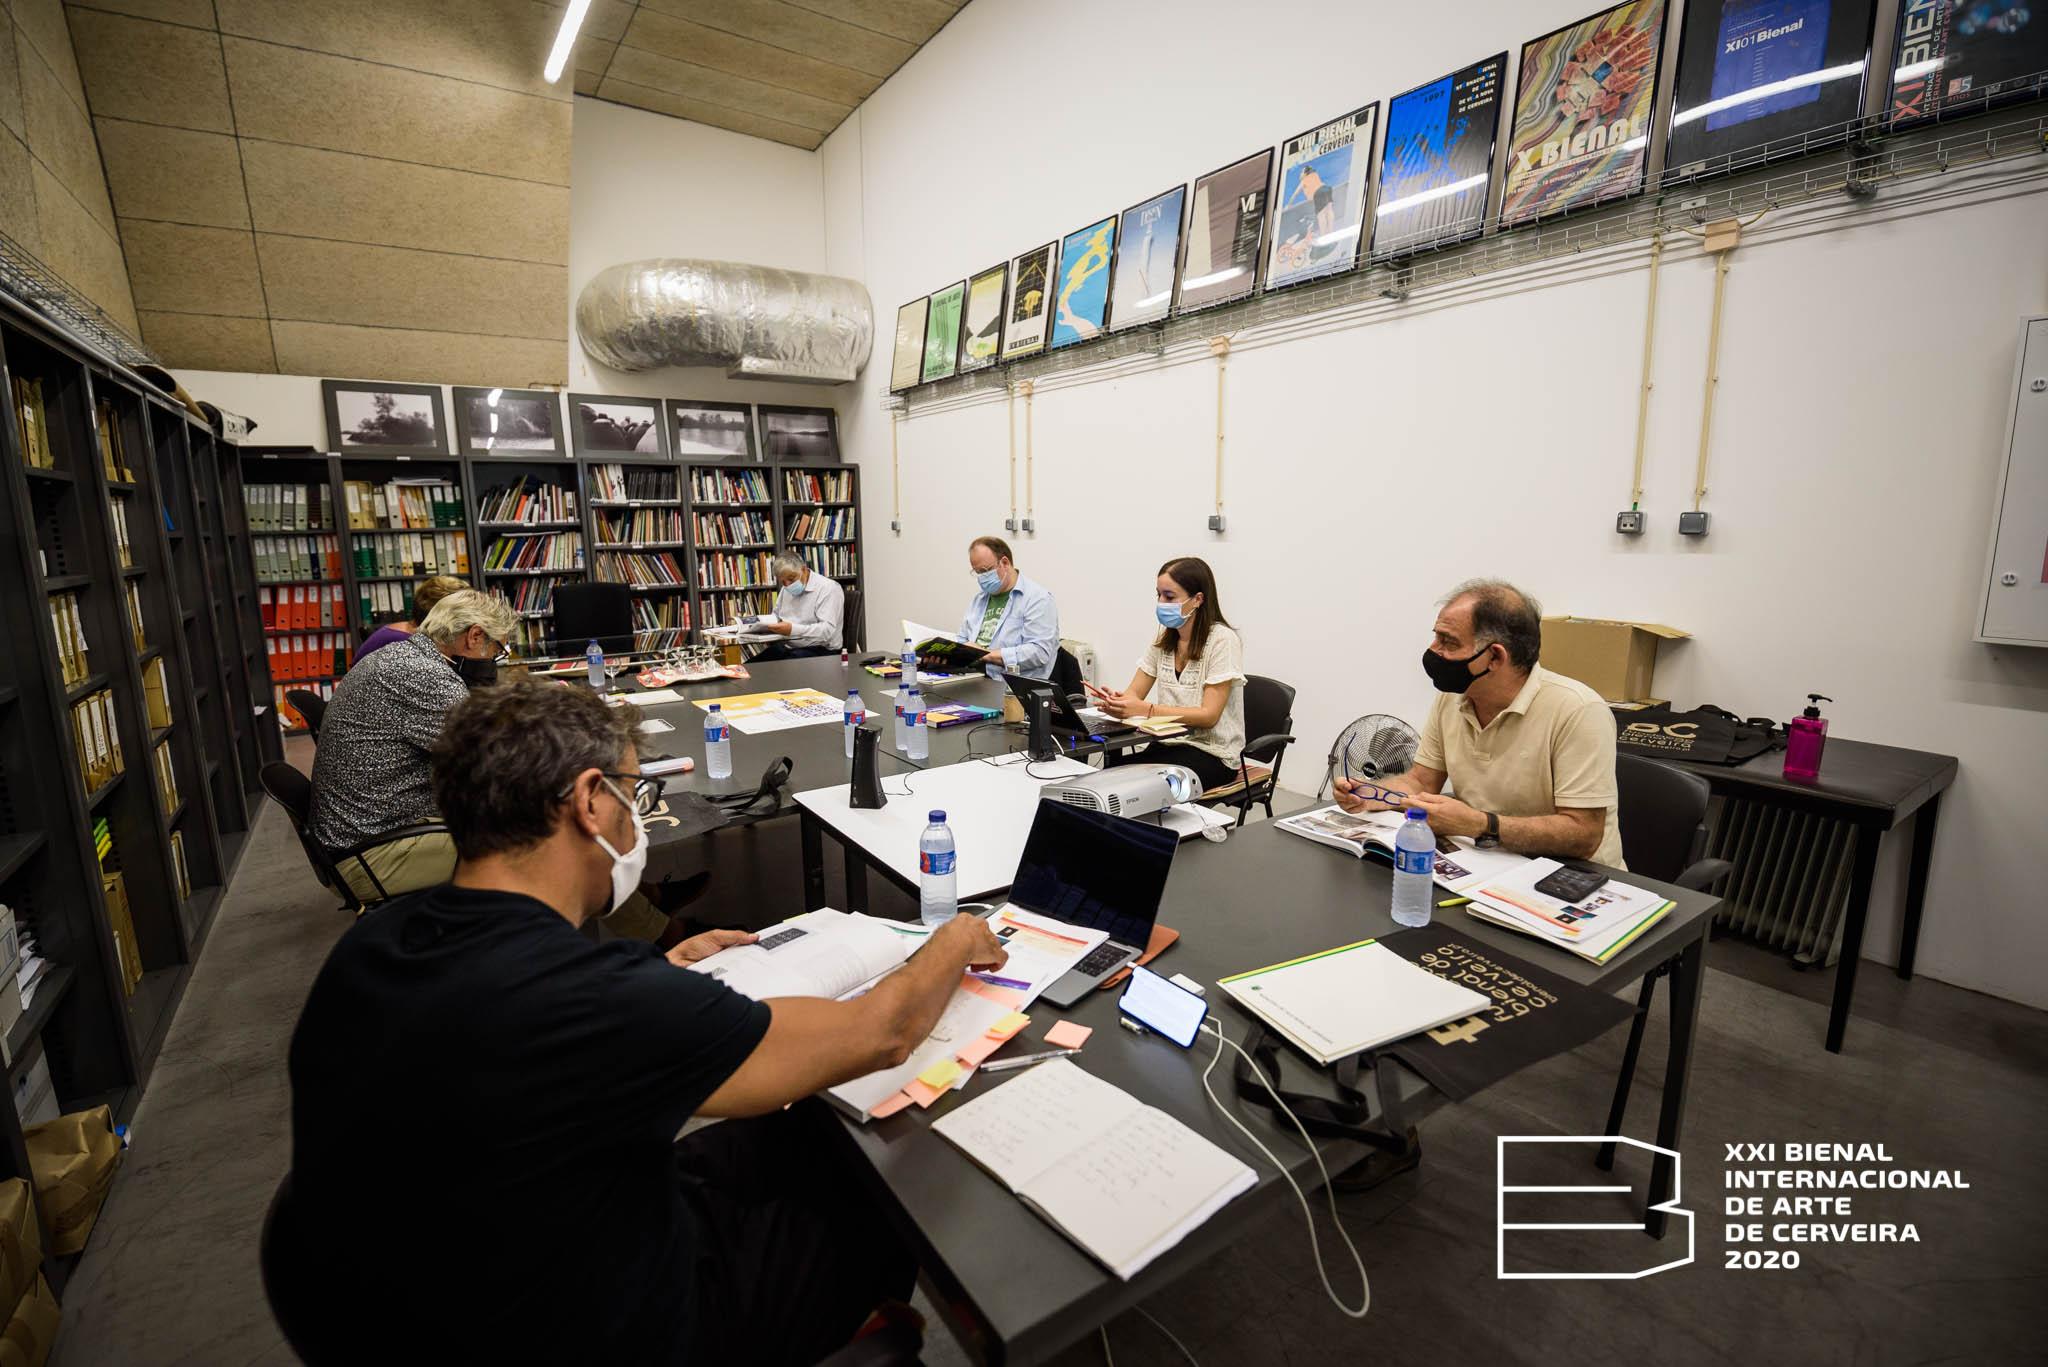 Júri de Premiação da XXI Bienal Internacional de Arte de Cerveira